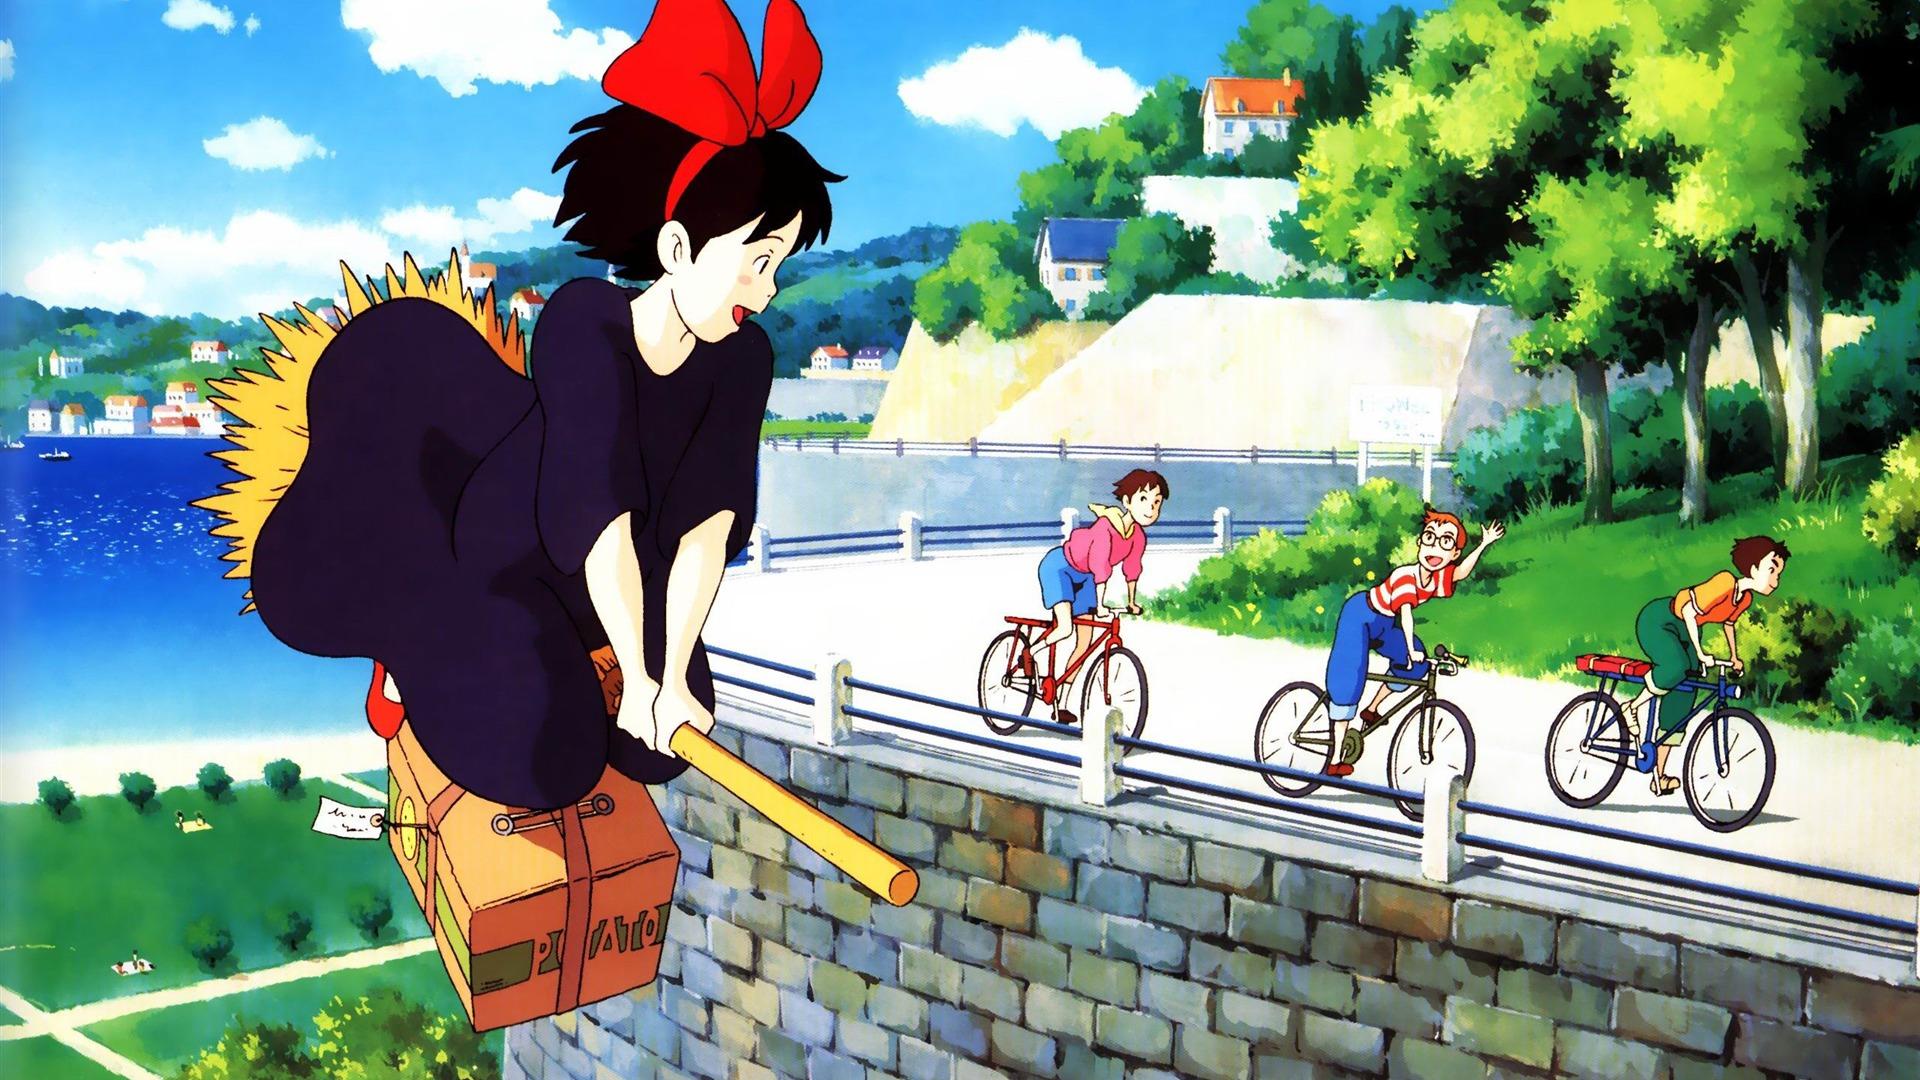 Wallpaper Dragon Ball 3d Hd Kiki La Petite Sorci 232 Re Cartoon Caract 232 Res Fond D 233 Cran